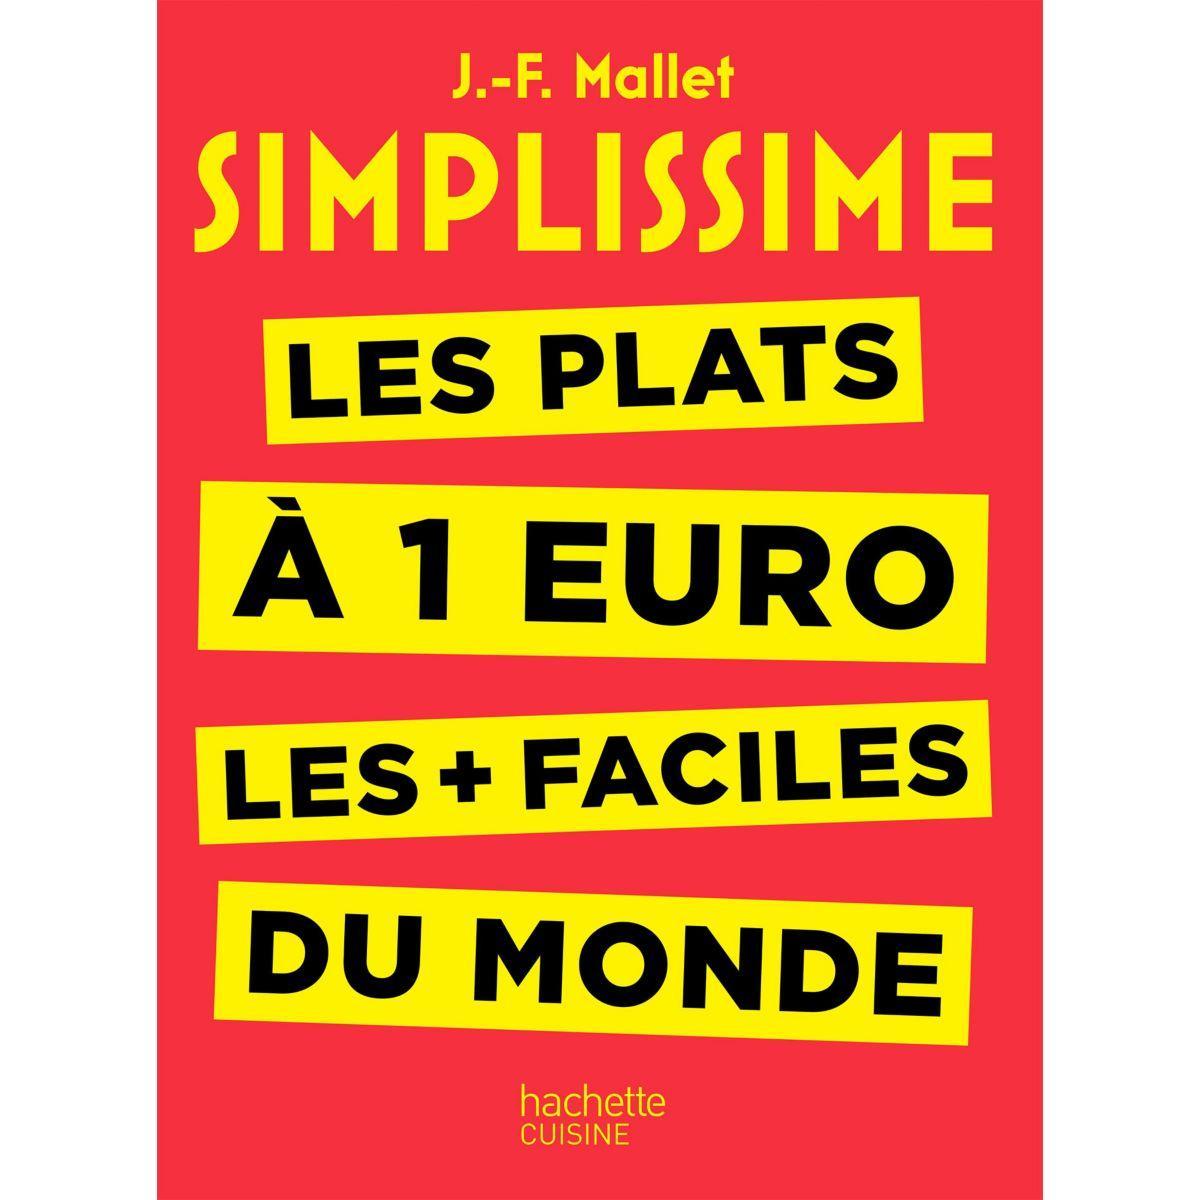 Livre de cuisine hachette simplissime les plats � 1 euro (photo)